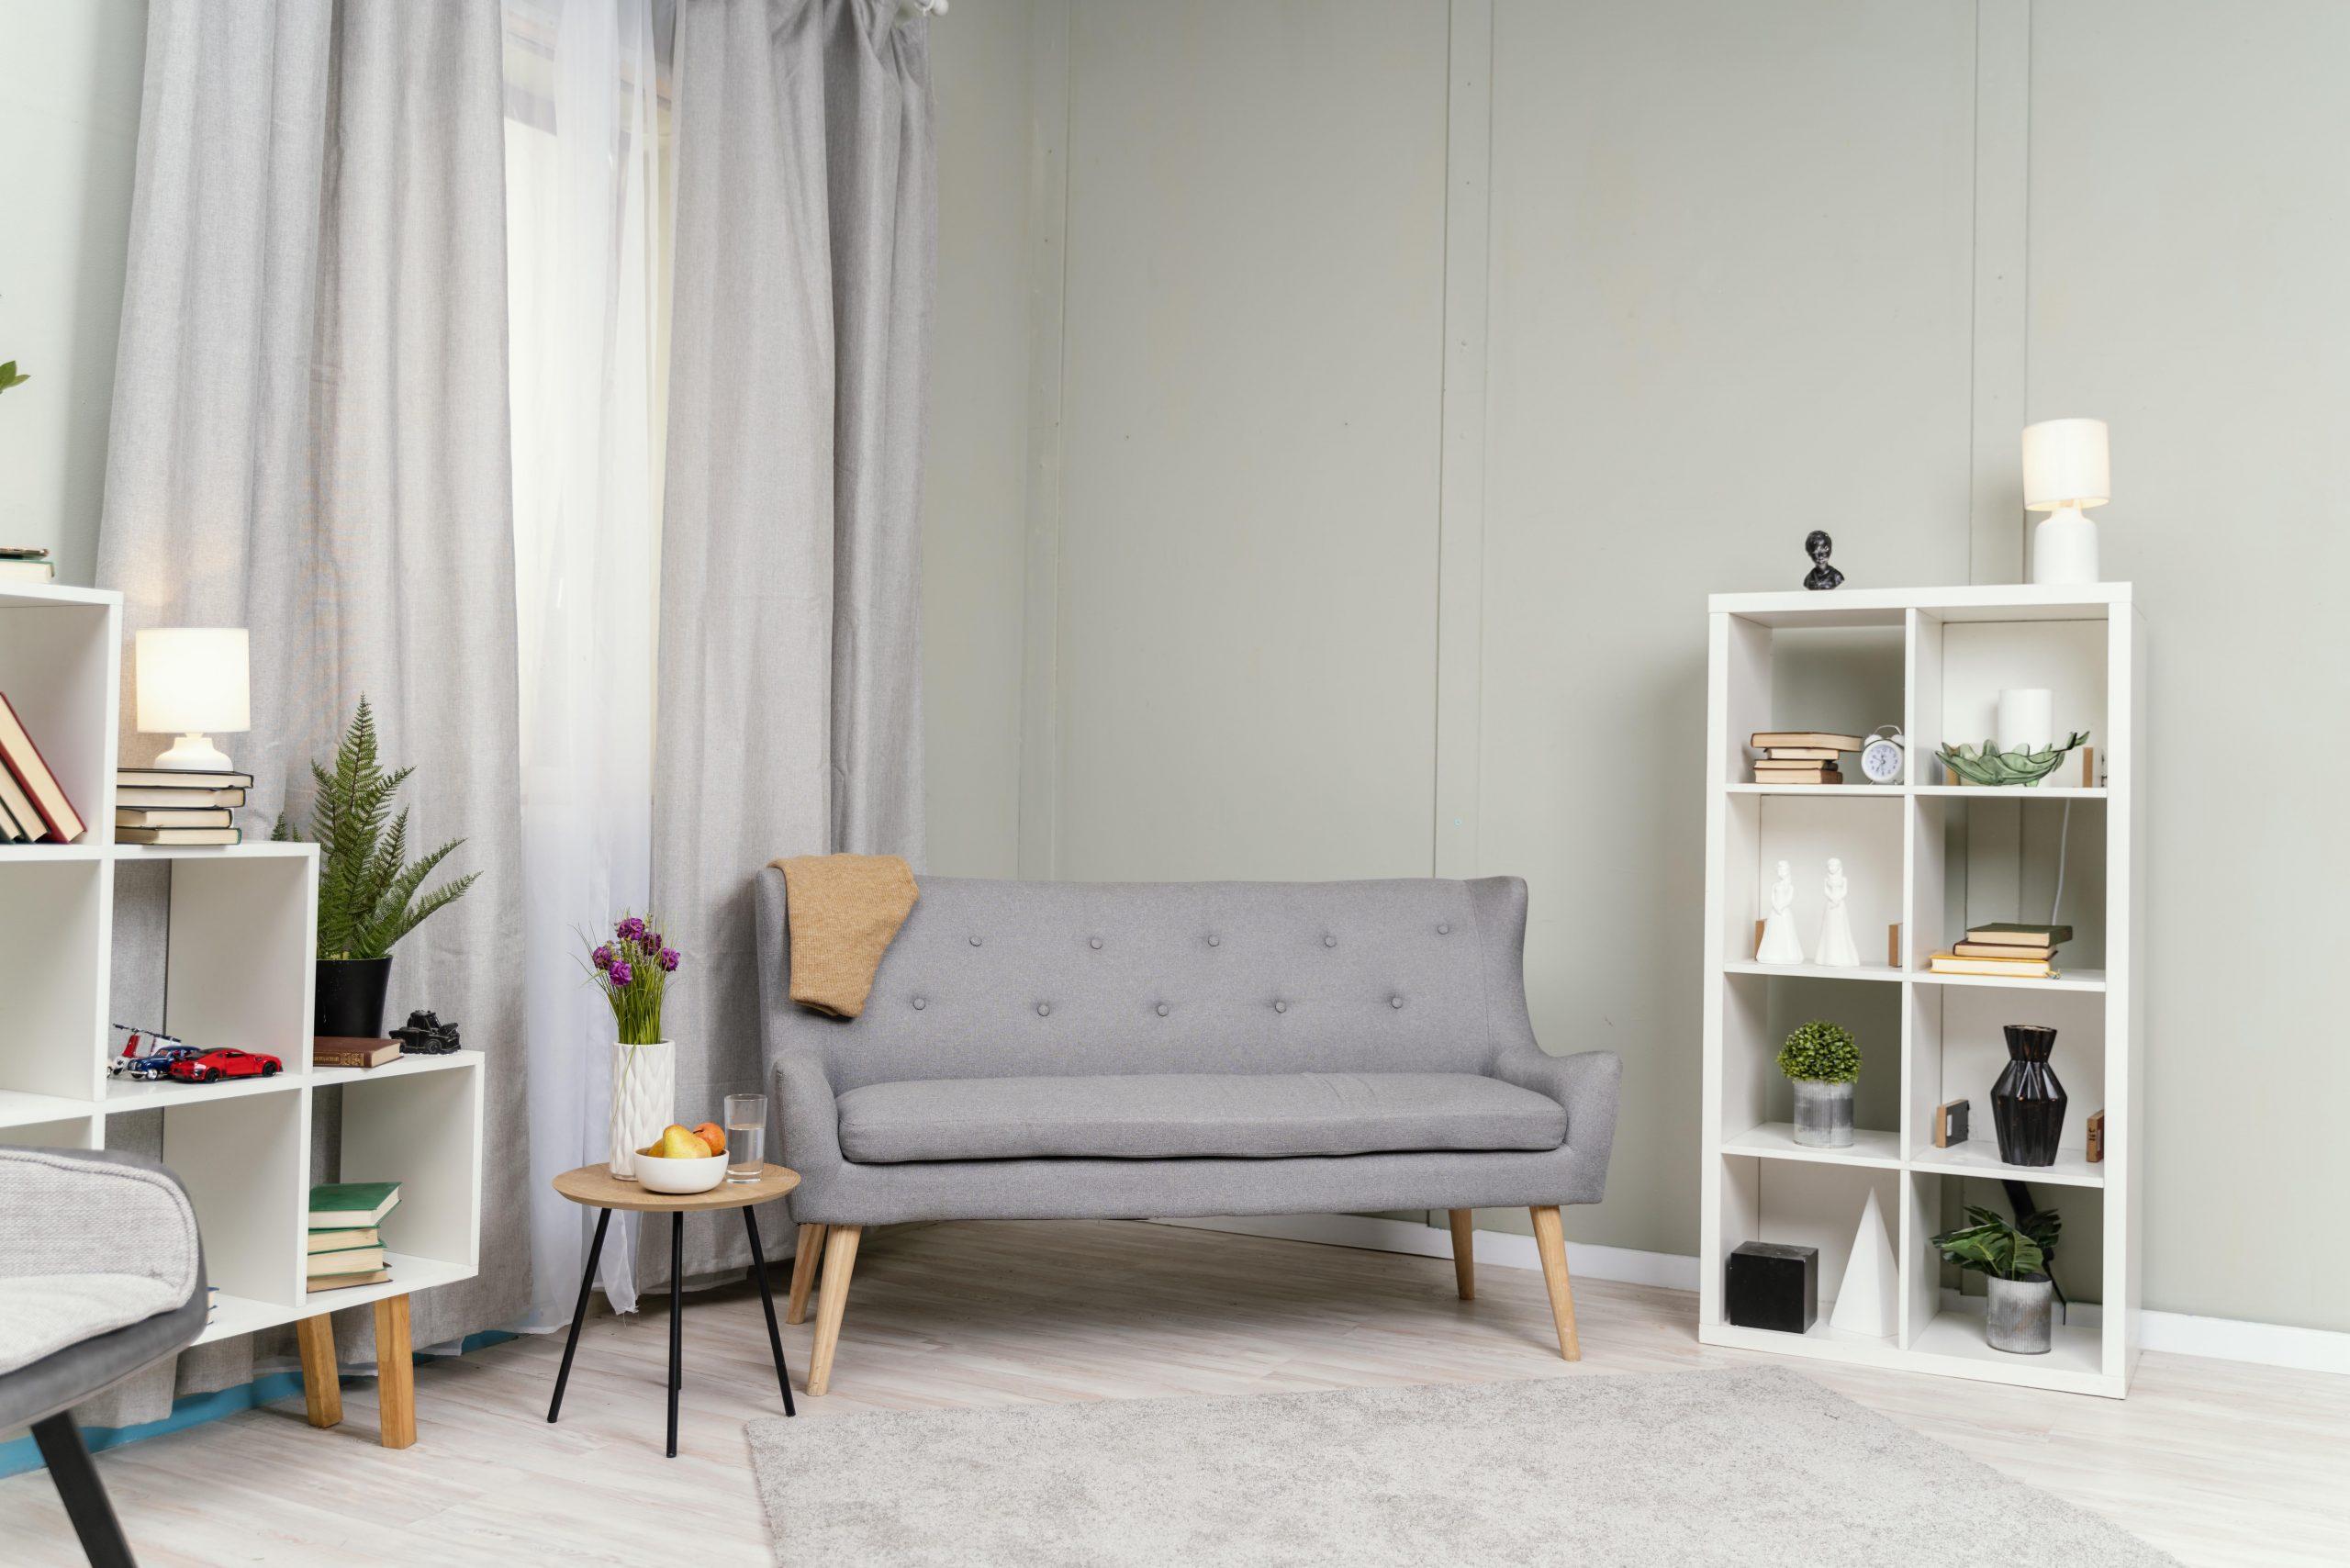 Ide Dekorasi Pada Sudut Ruangan Apartemen